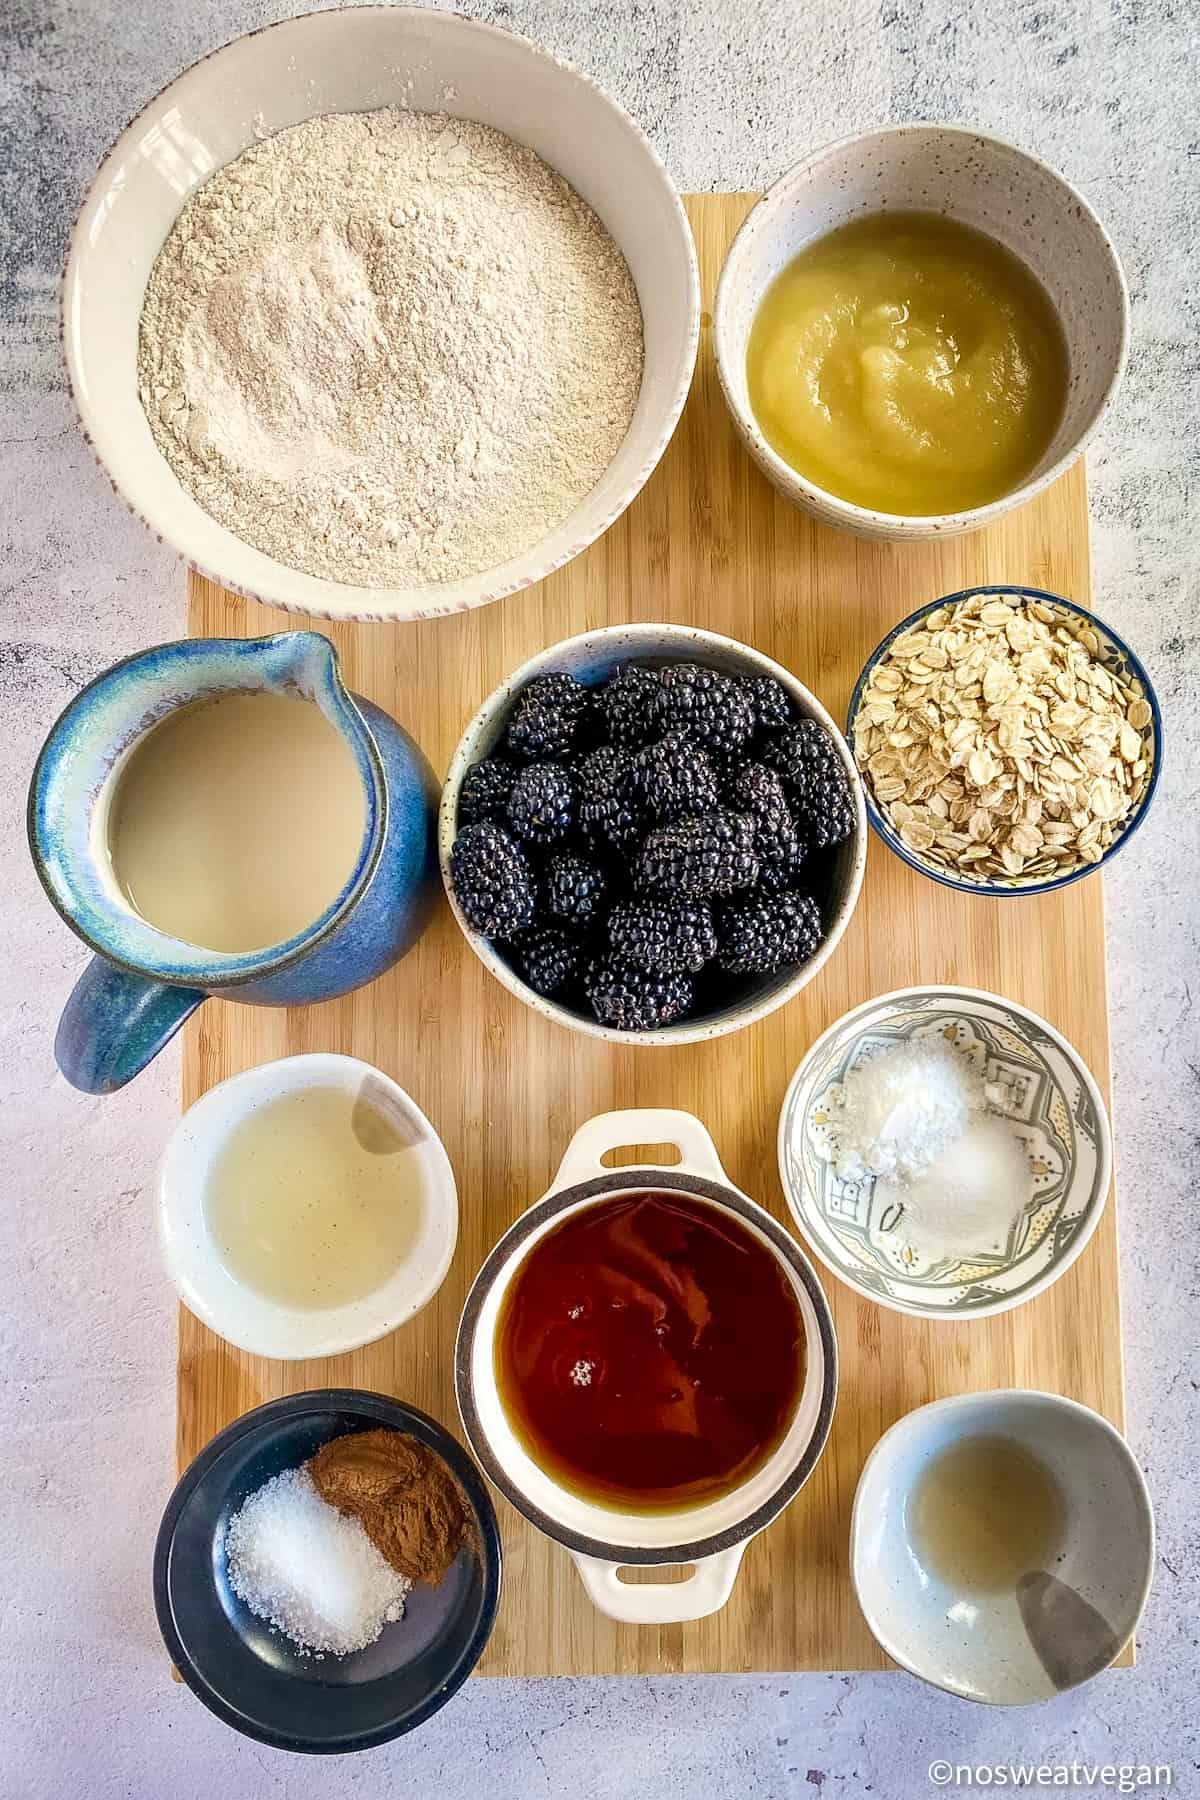 Ingredients to make vegan blackberry muffins.